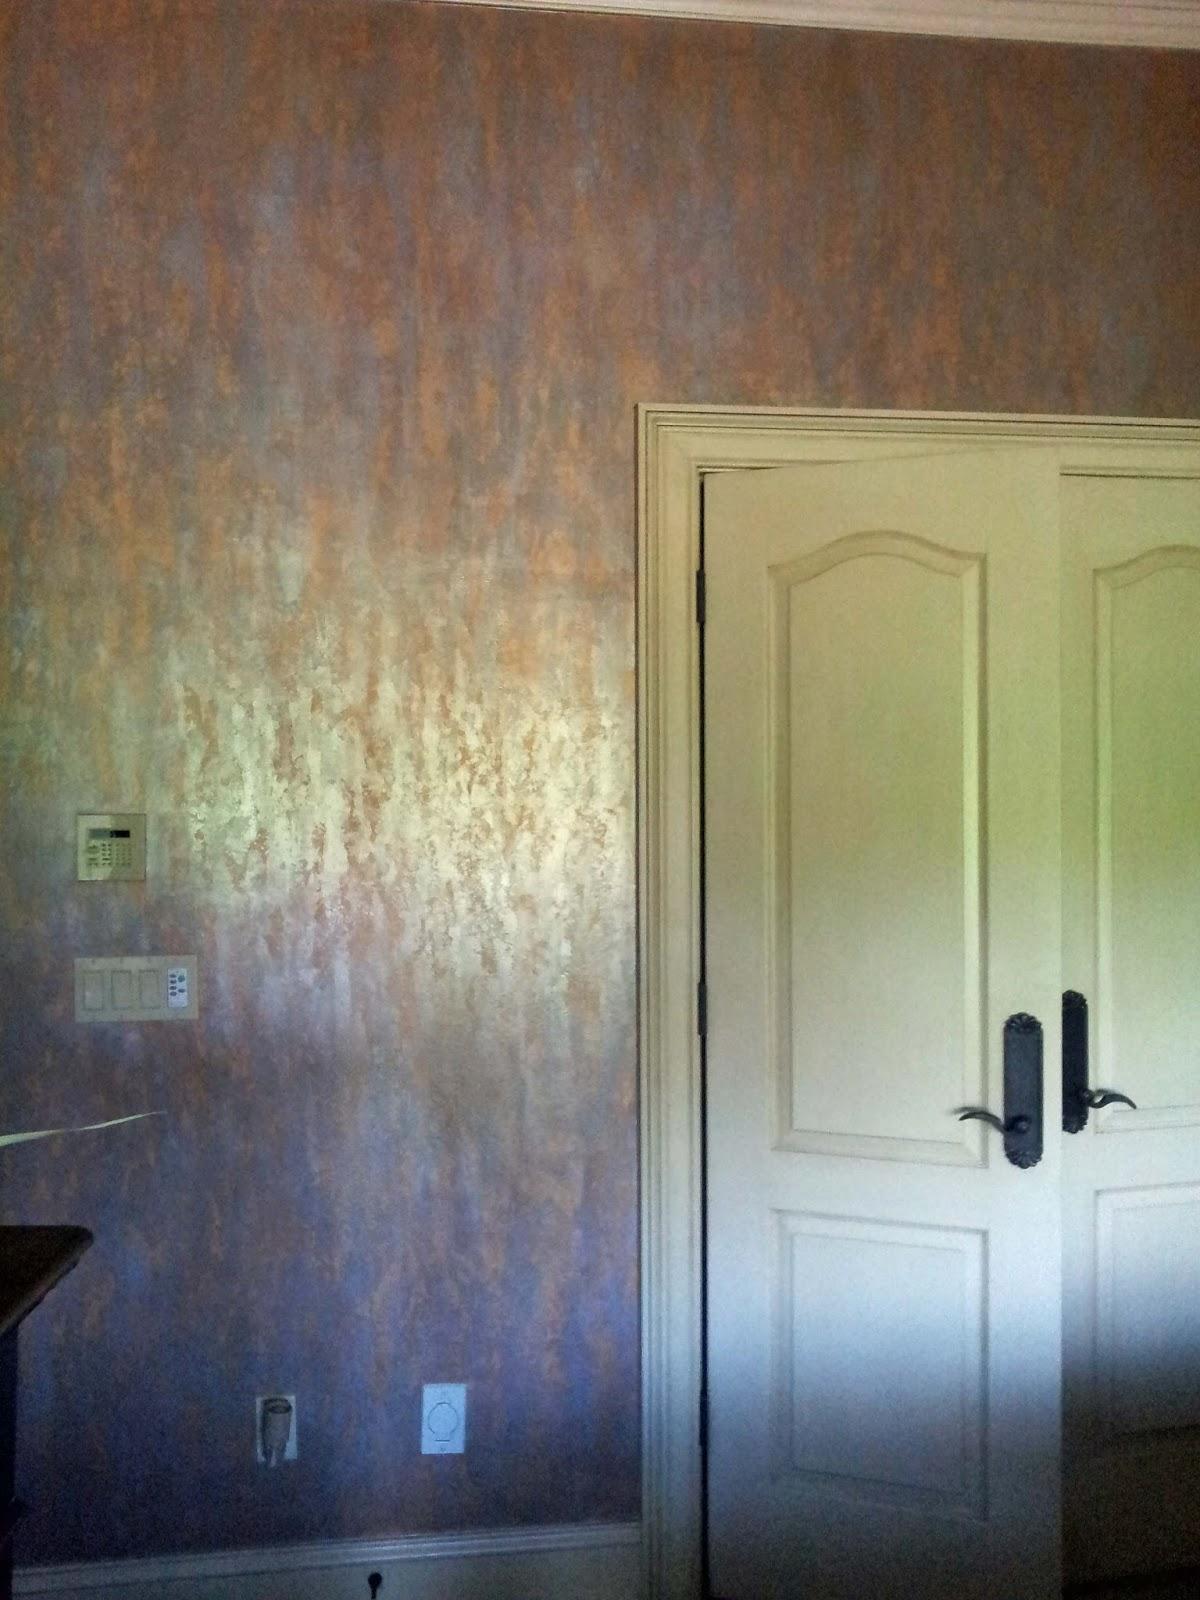 Davis Creative Painting: METALLIC BEDROOM WALLS